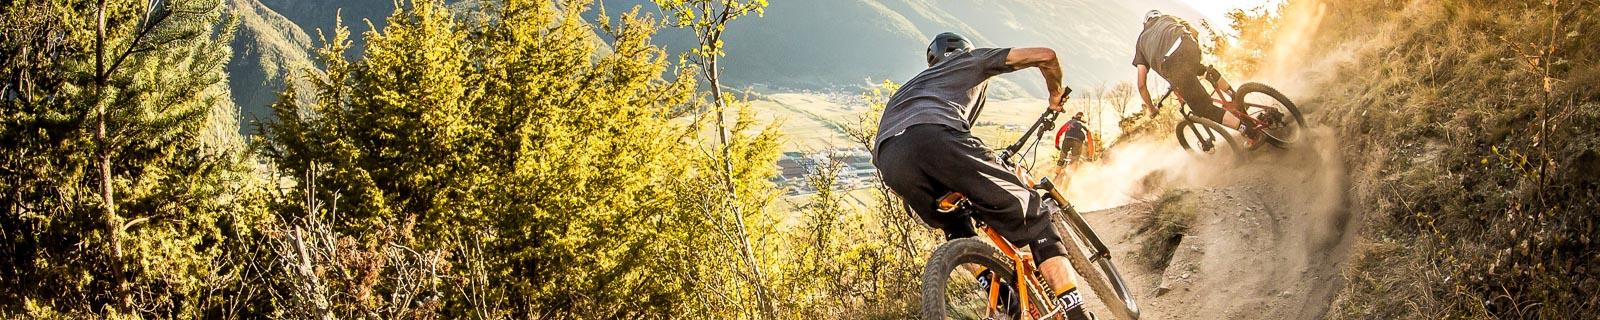 Un All-Mountain para todos: el Ghost SL AMR